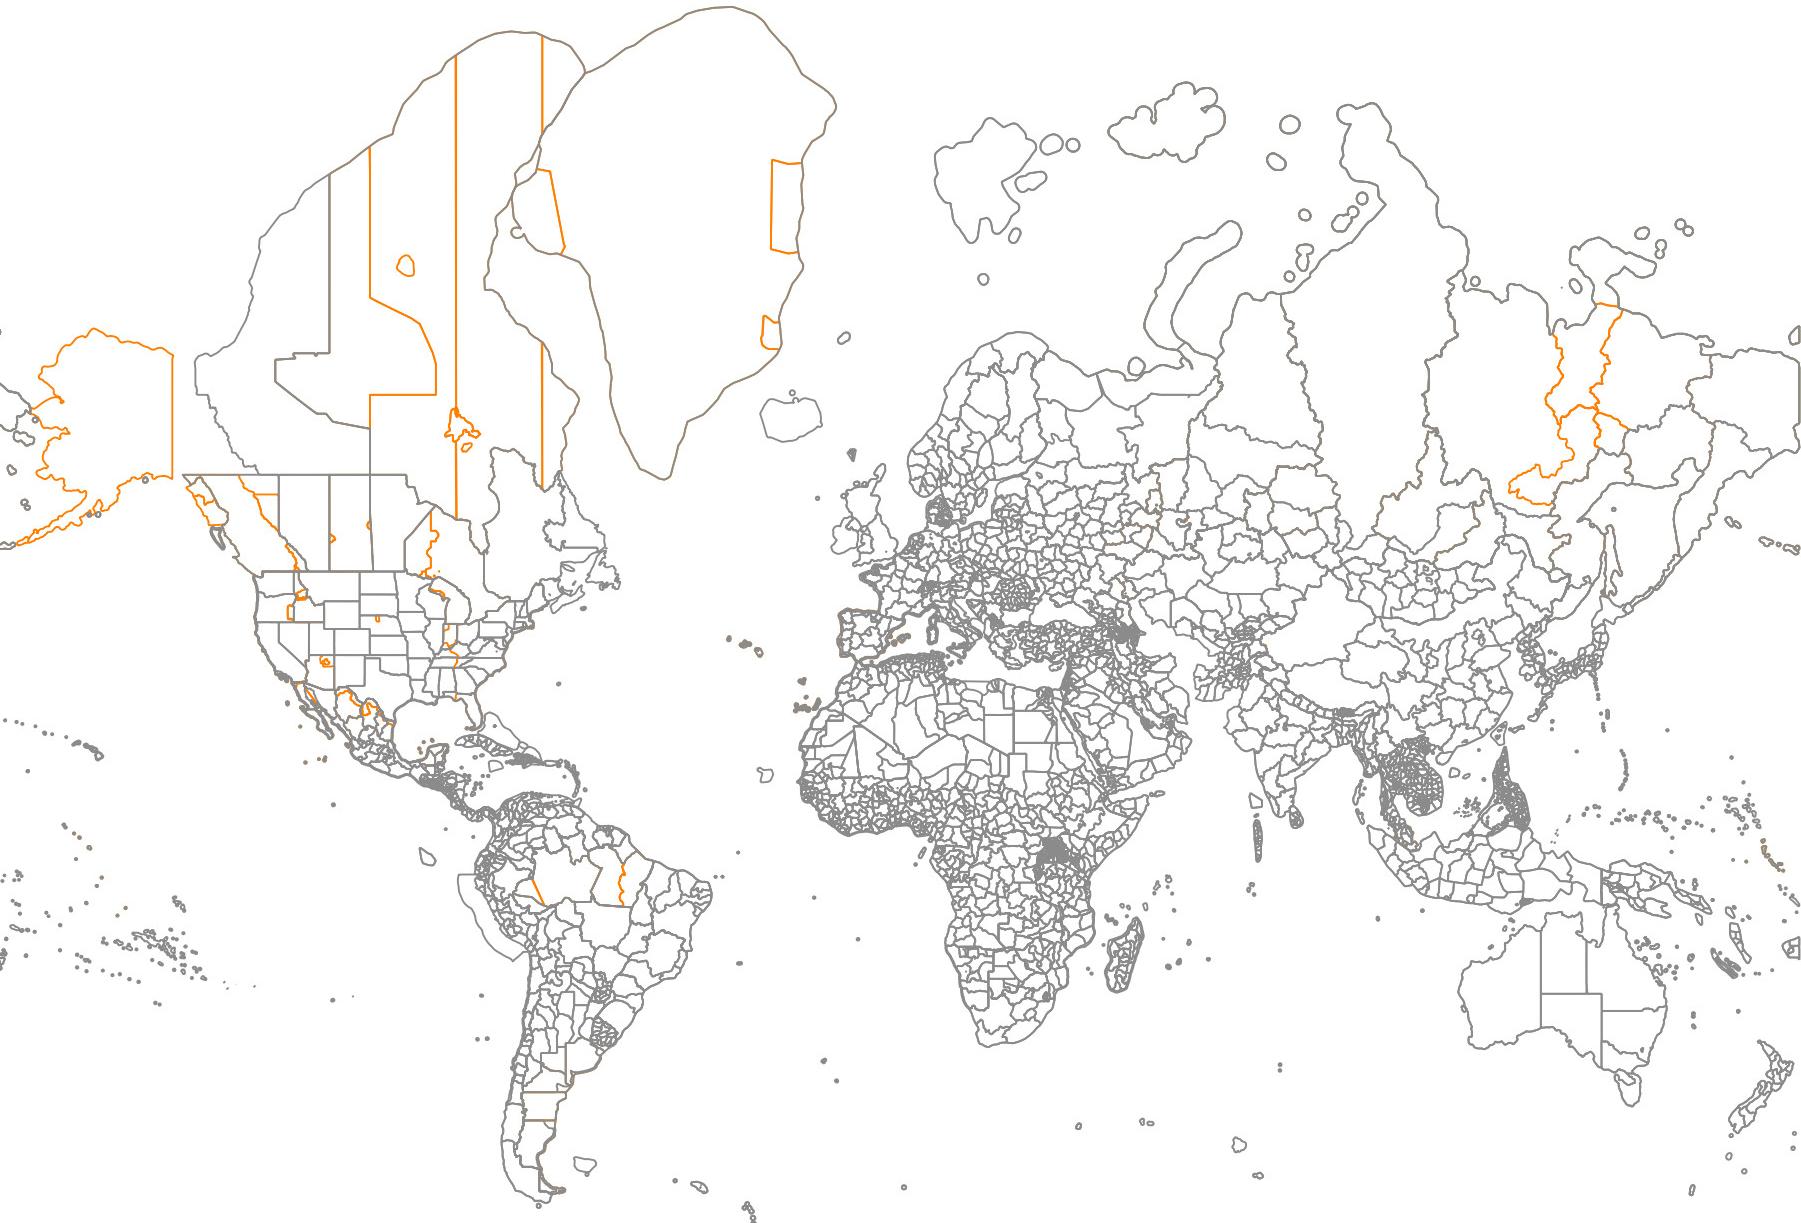 Die Zeitzonen und administrativen Grenzen im Vergleich